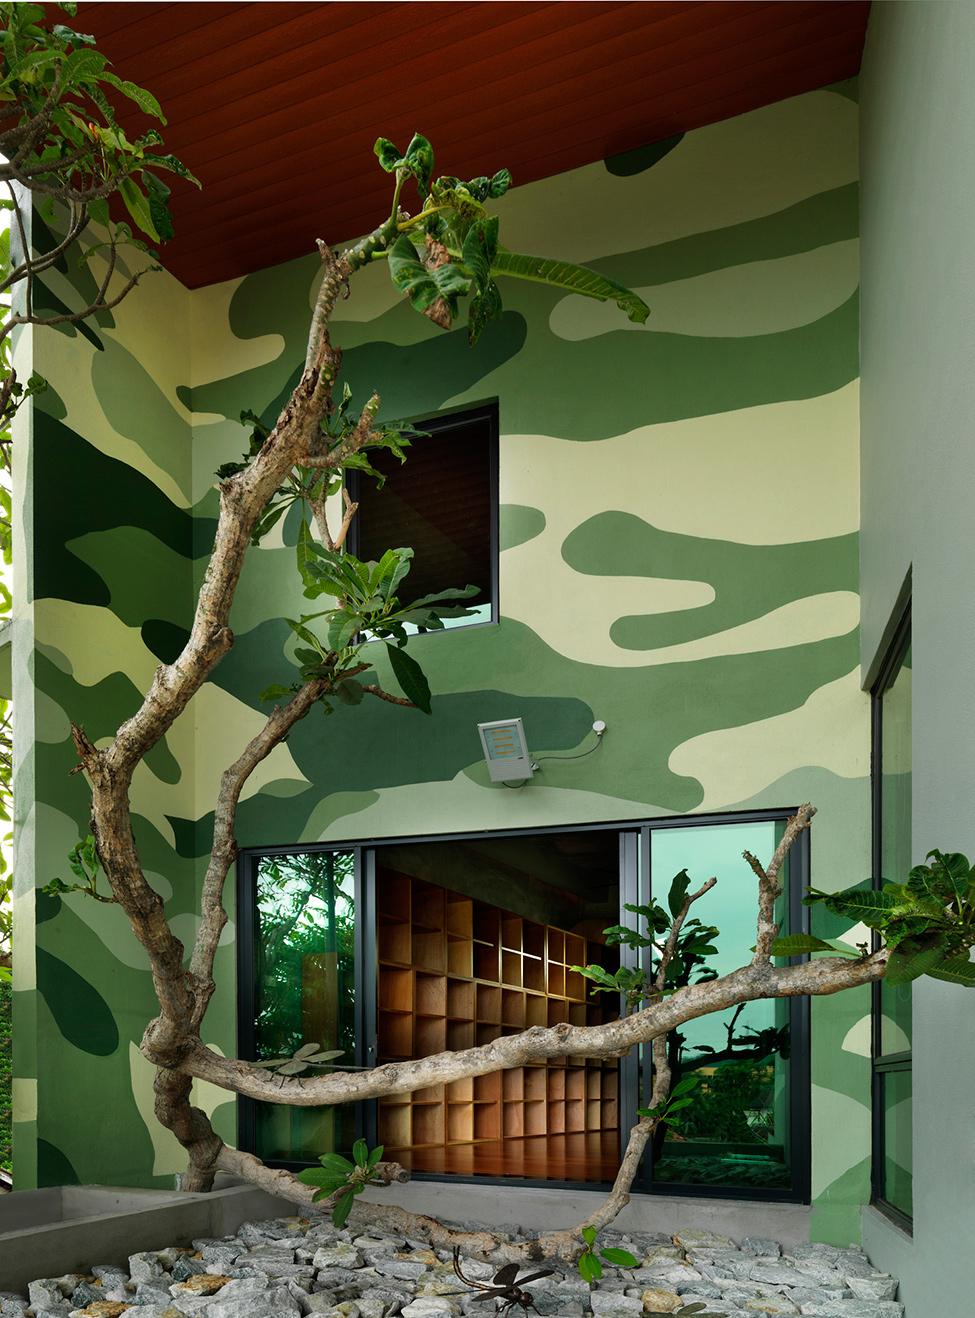 S11-House-ot-ArchiCentre-v-Malajziya